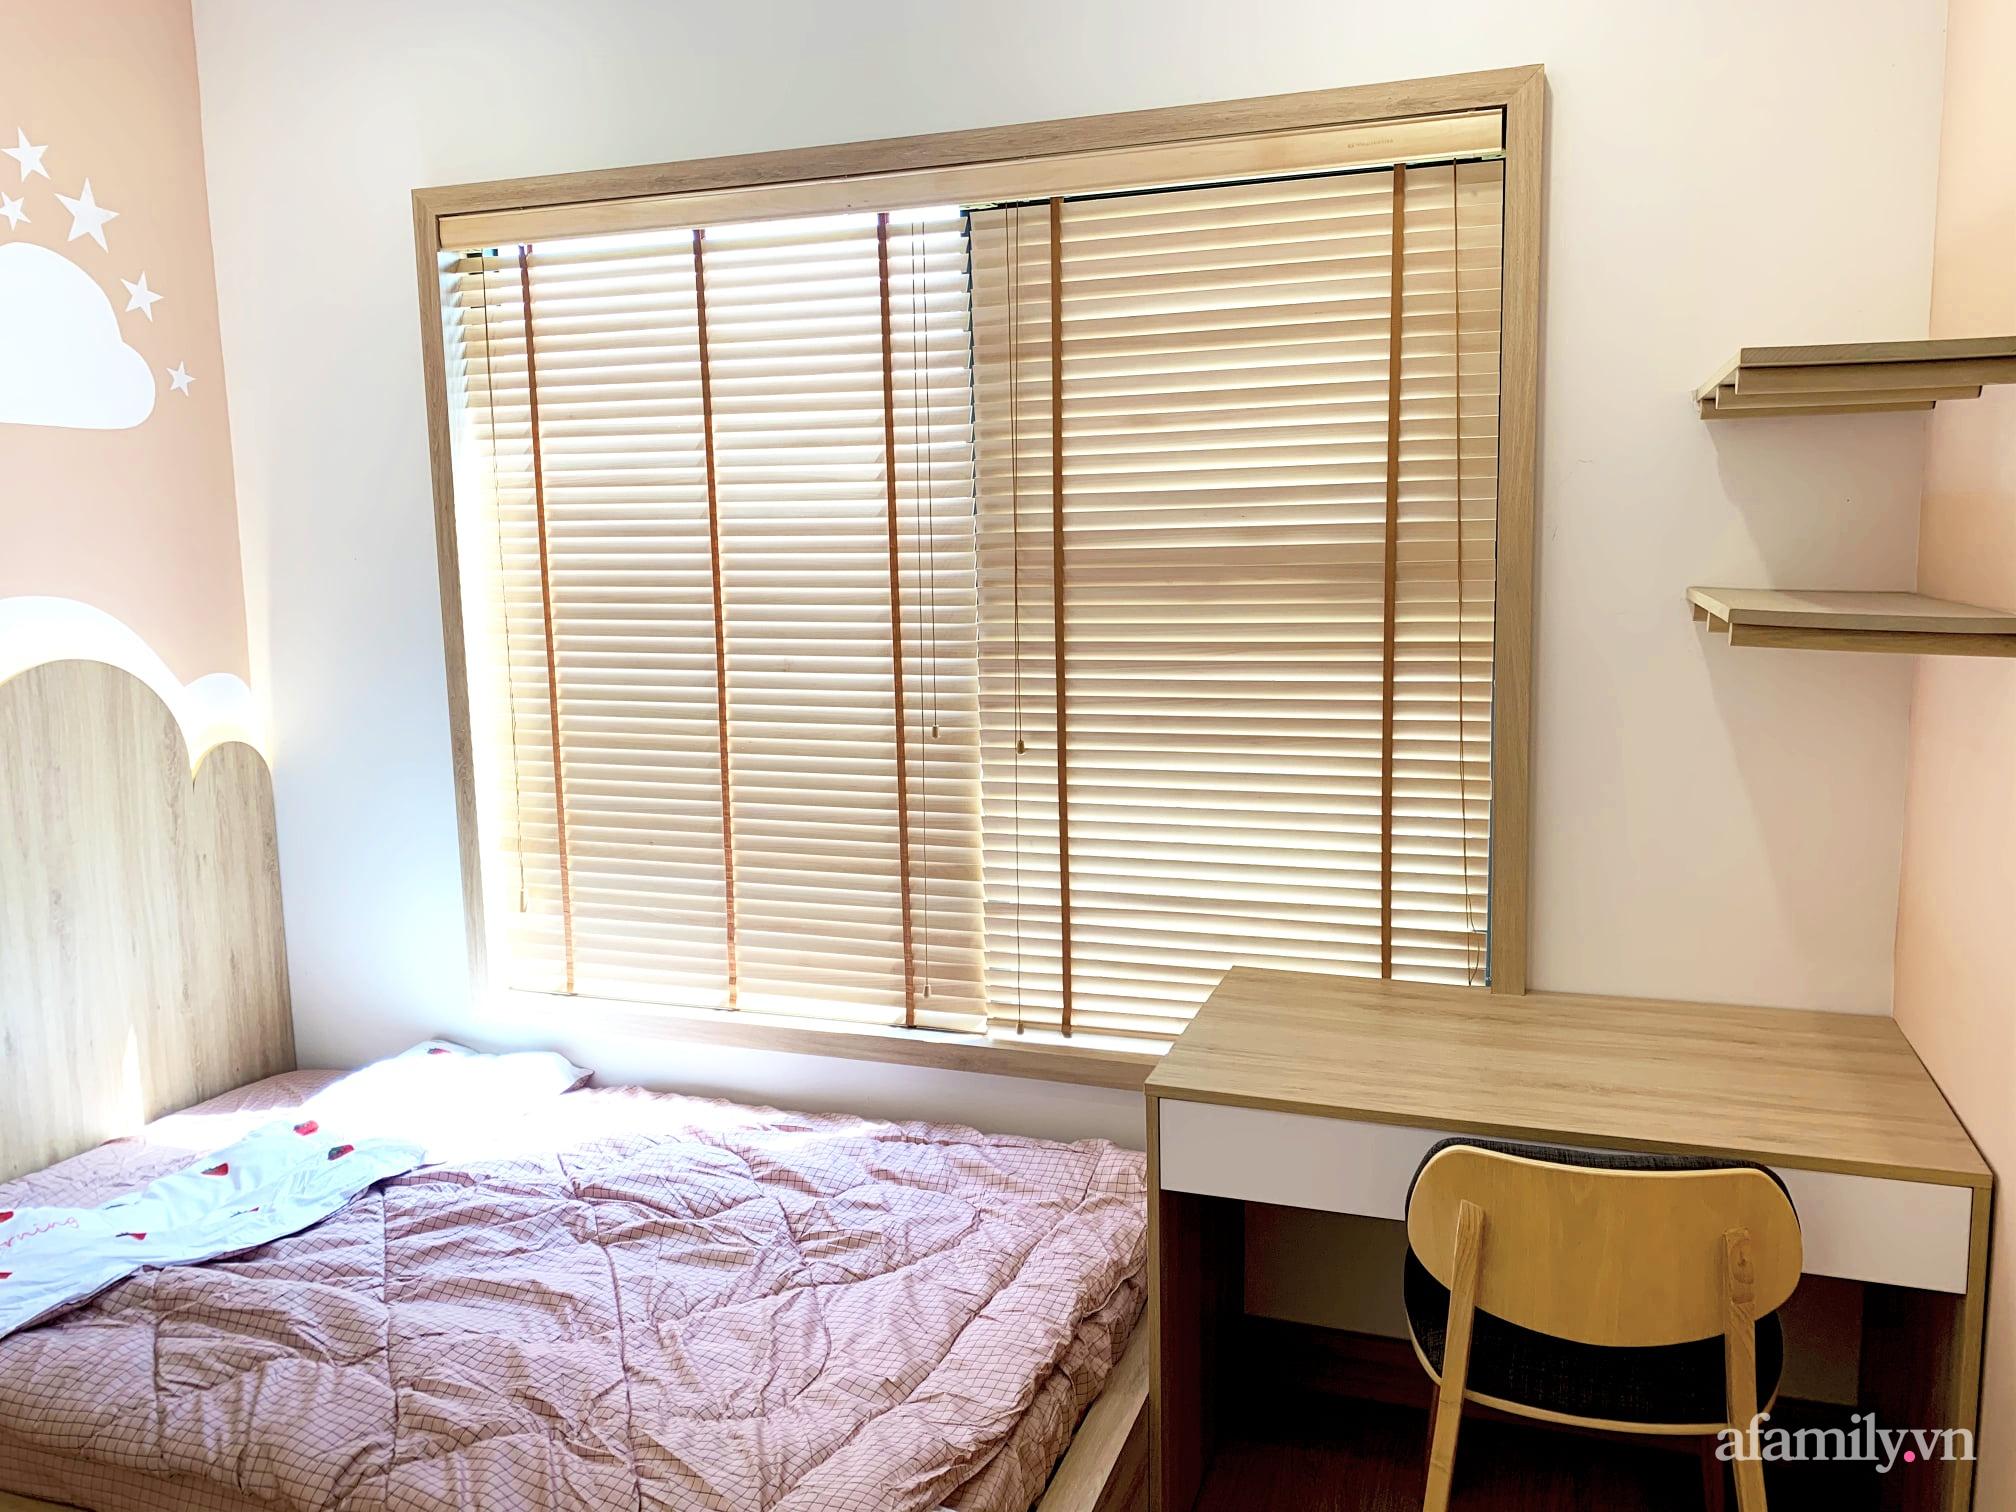 Căn hộ 72m² cực ít đồ đạc vẫn đẹp tinh tế và tiện dụng nhờ thiết kế nội thất thông minh ở Sài Gòn - Ảnh 12.